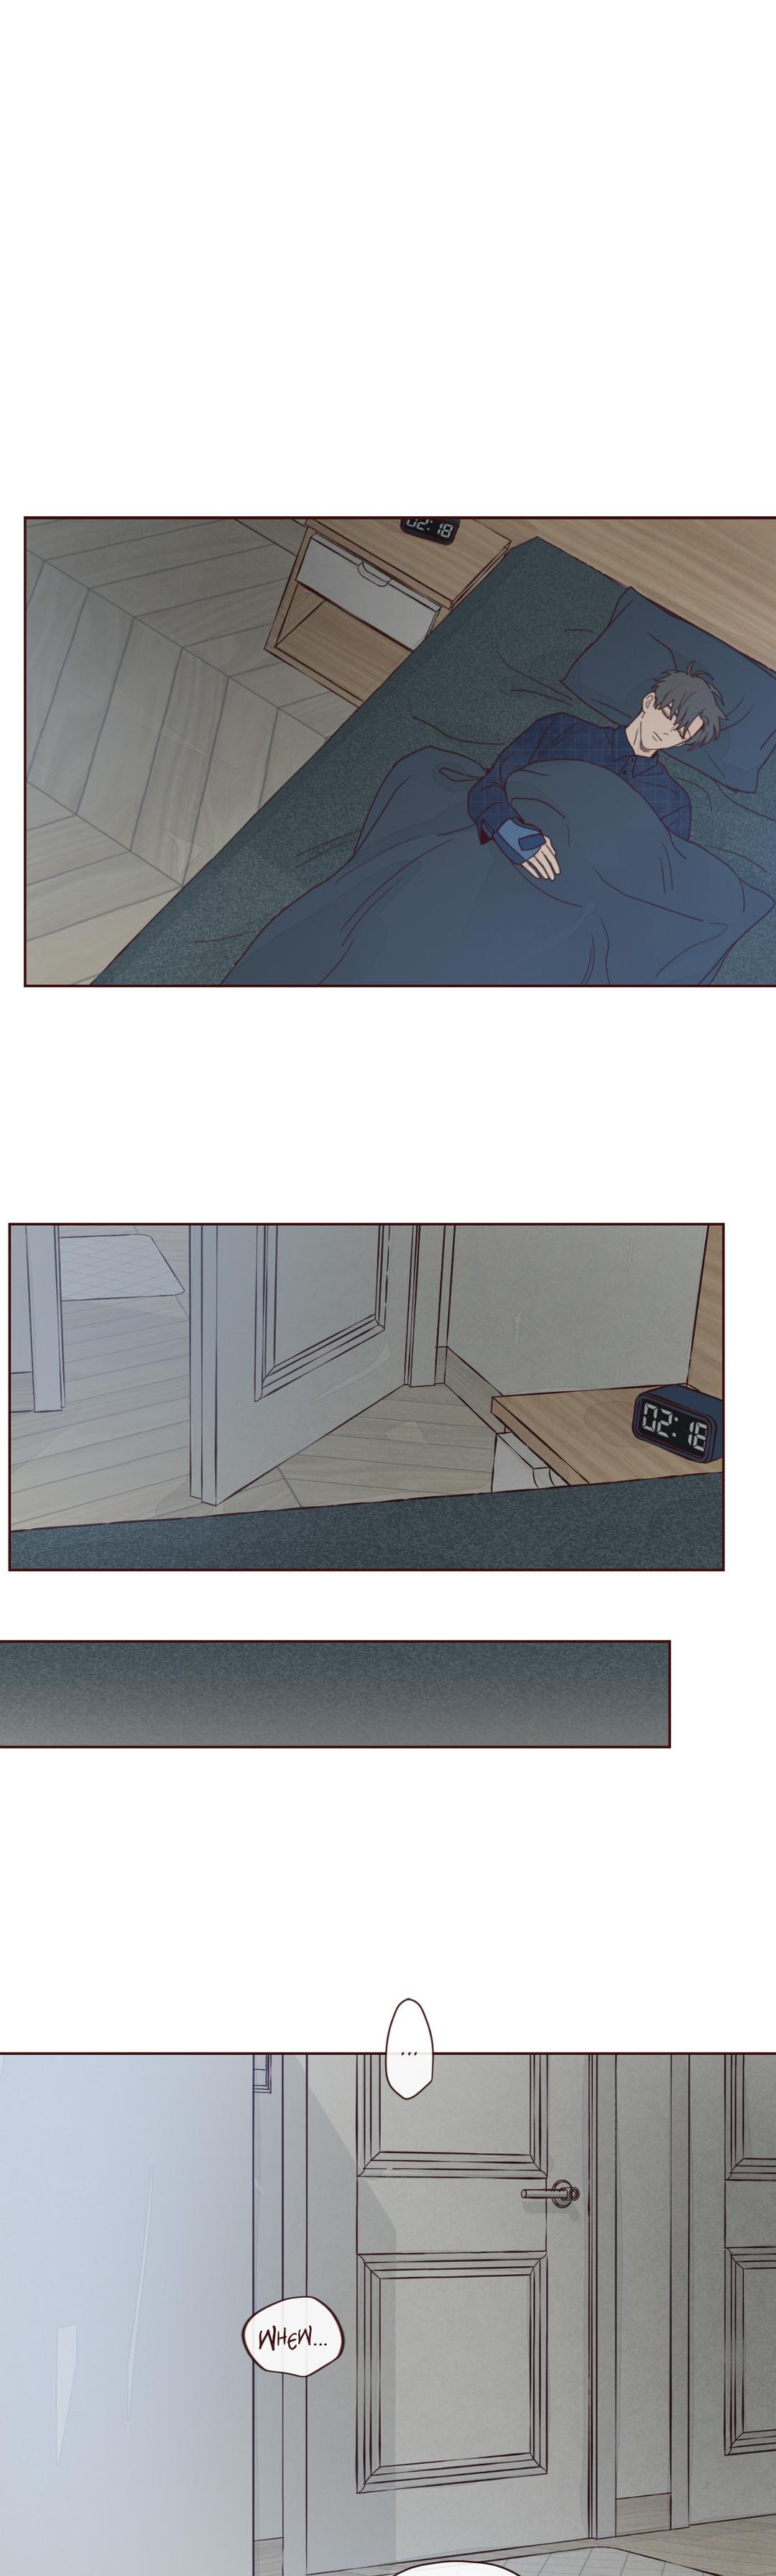 https://img2.nineanime.com/comics/pic2/45/27309/620505/c5901b9d4264066fb9b92b3cb10d4434.jpg Page 1